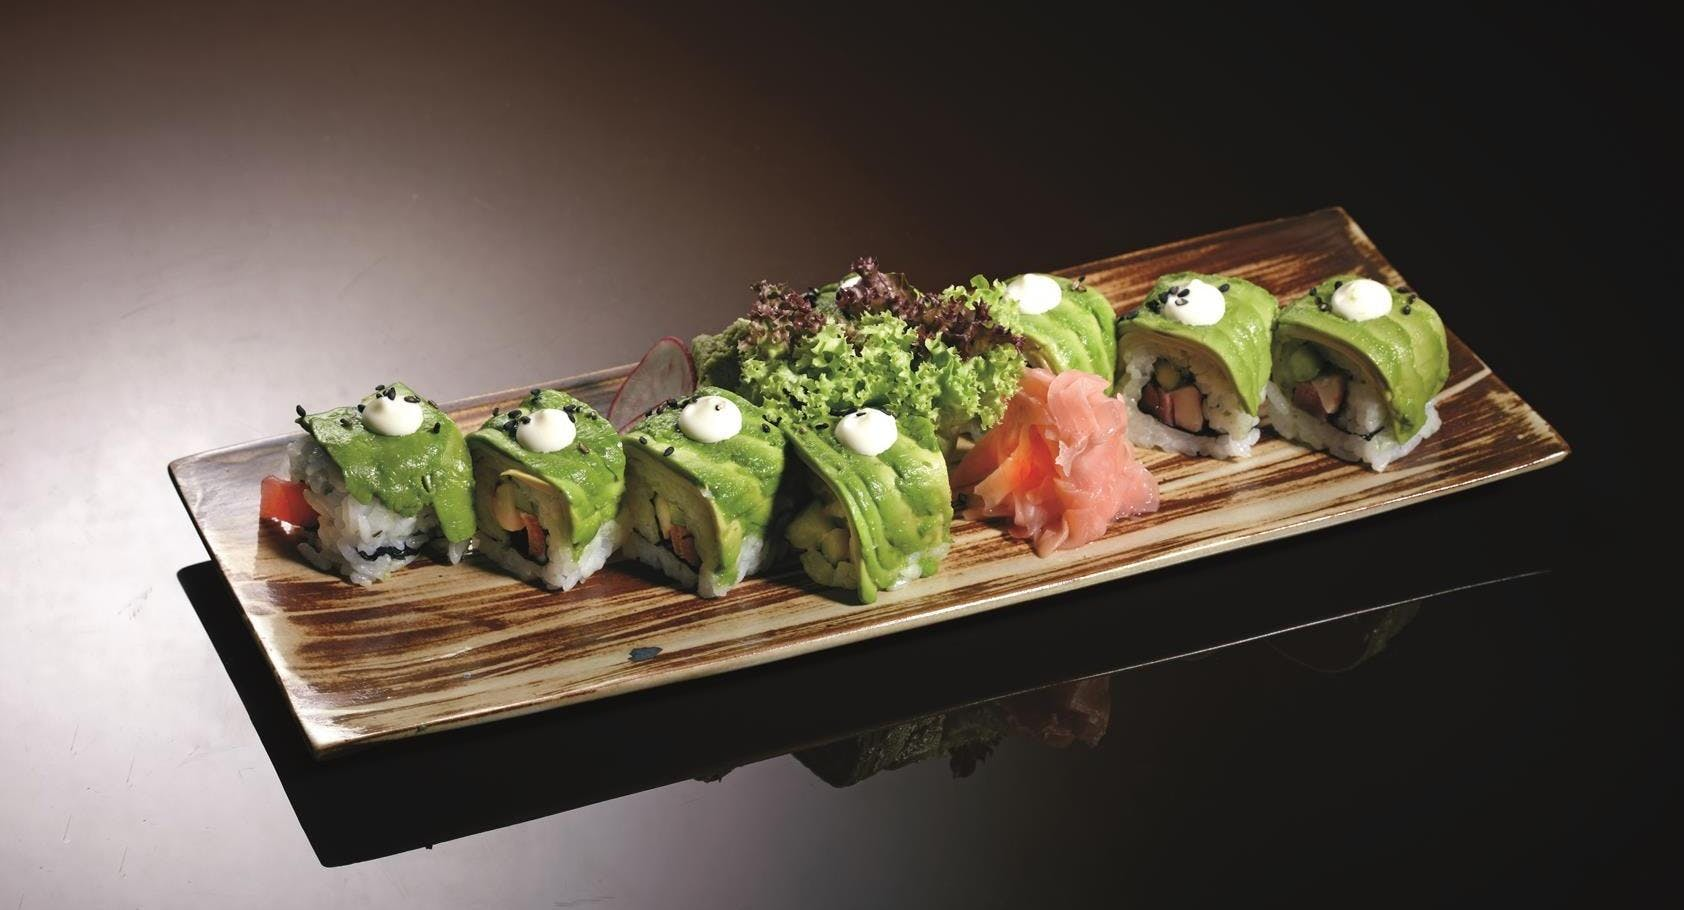 Teng Bespoke Japanese Vegetarian Dining Singapore image 3